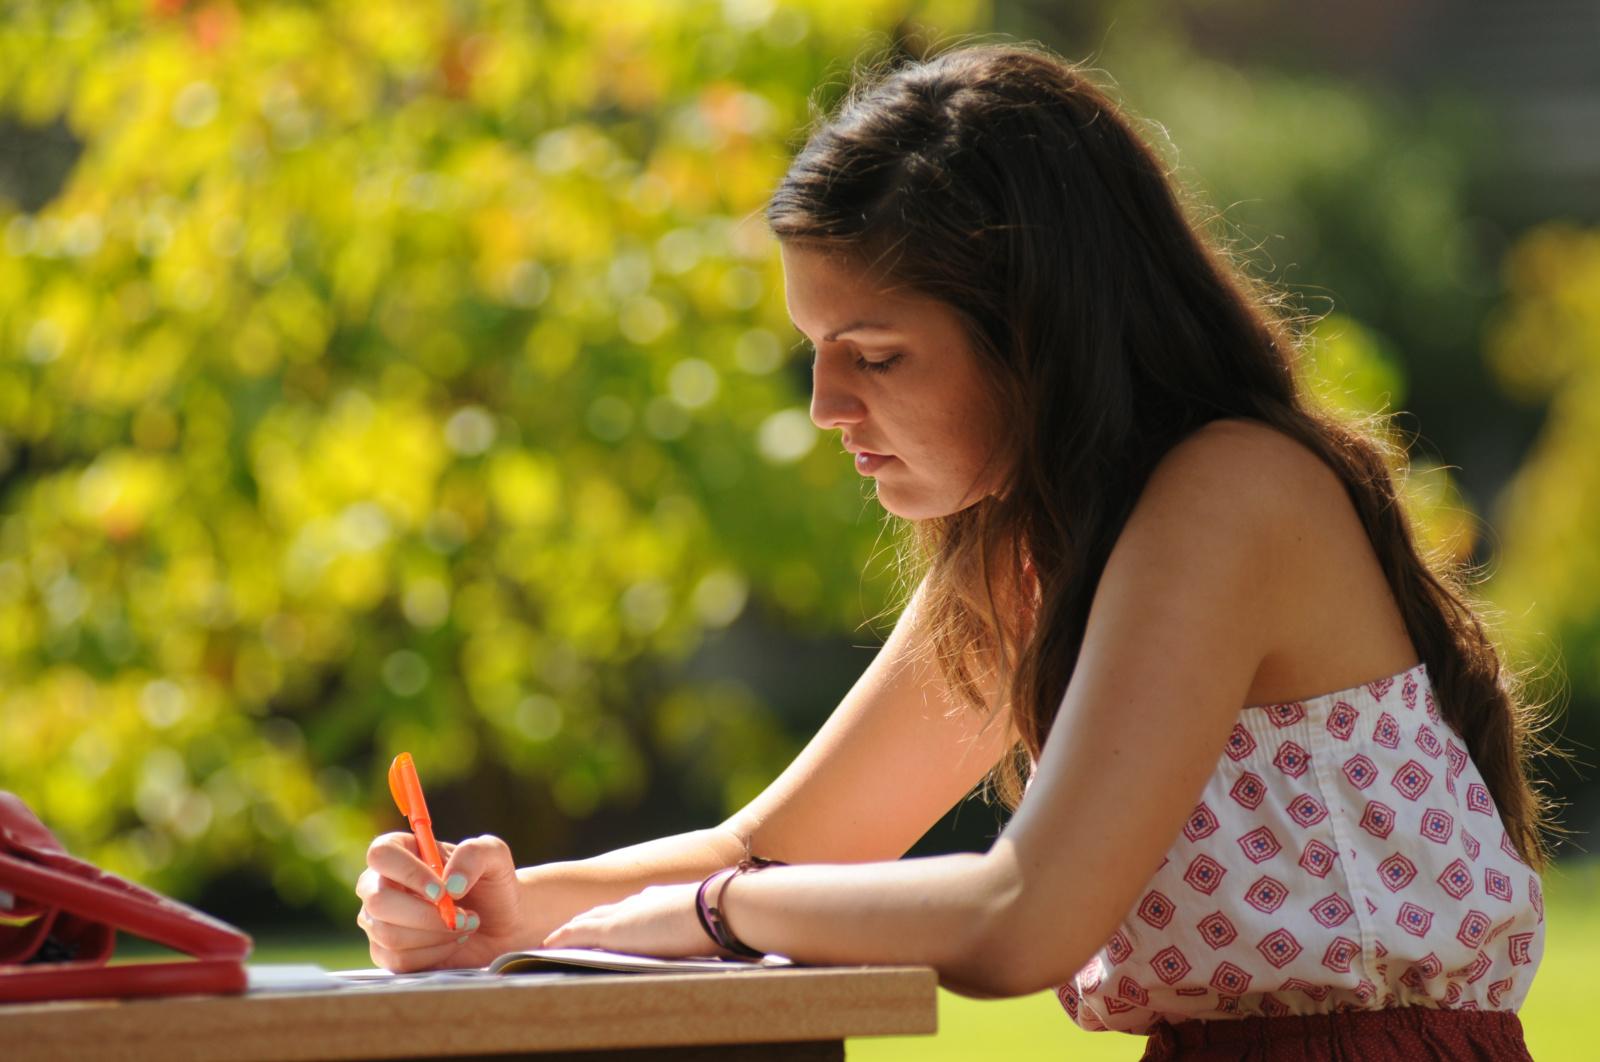 Pagalba abiturientui: kaip išsirinkti studijas vykstant aukštojo mokslo reformai?